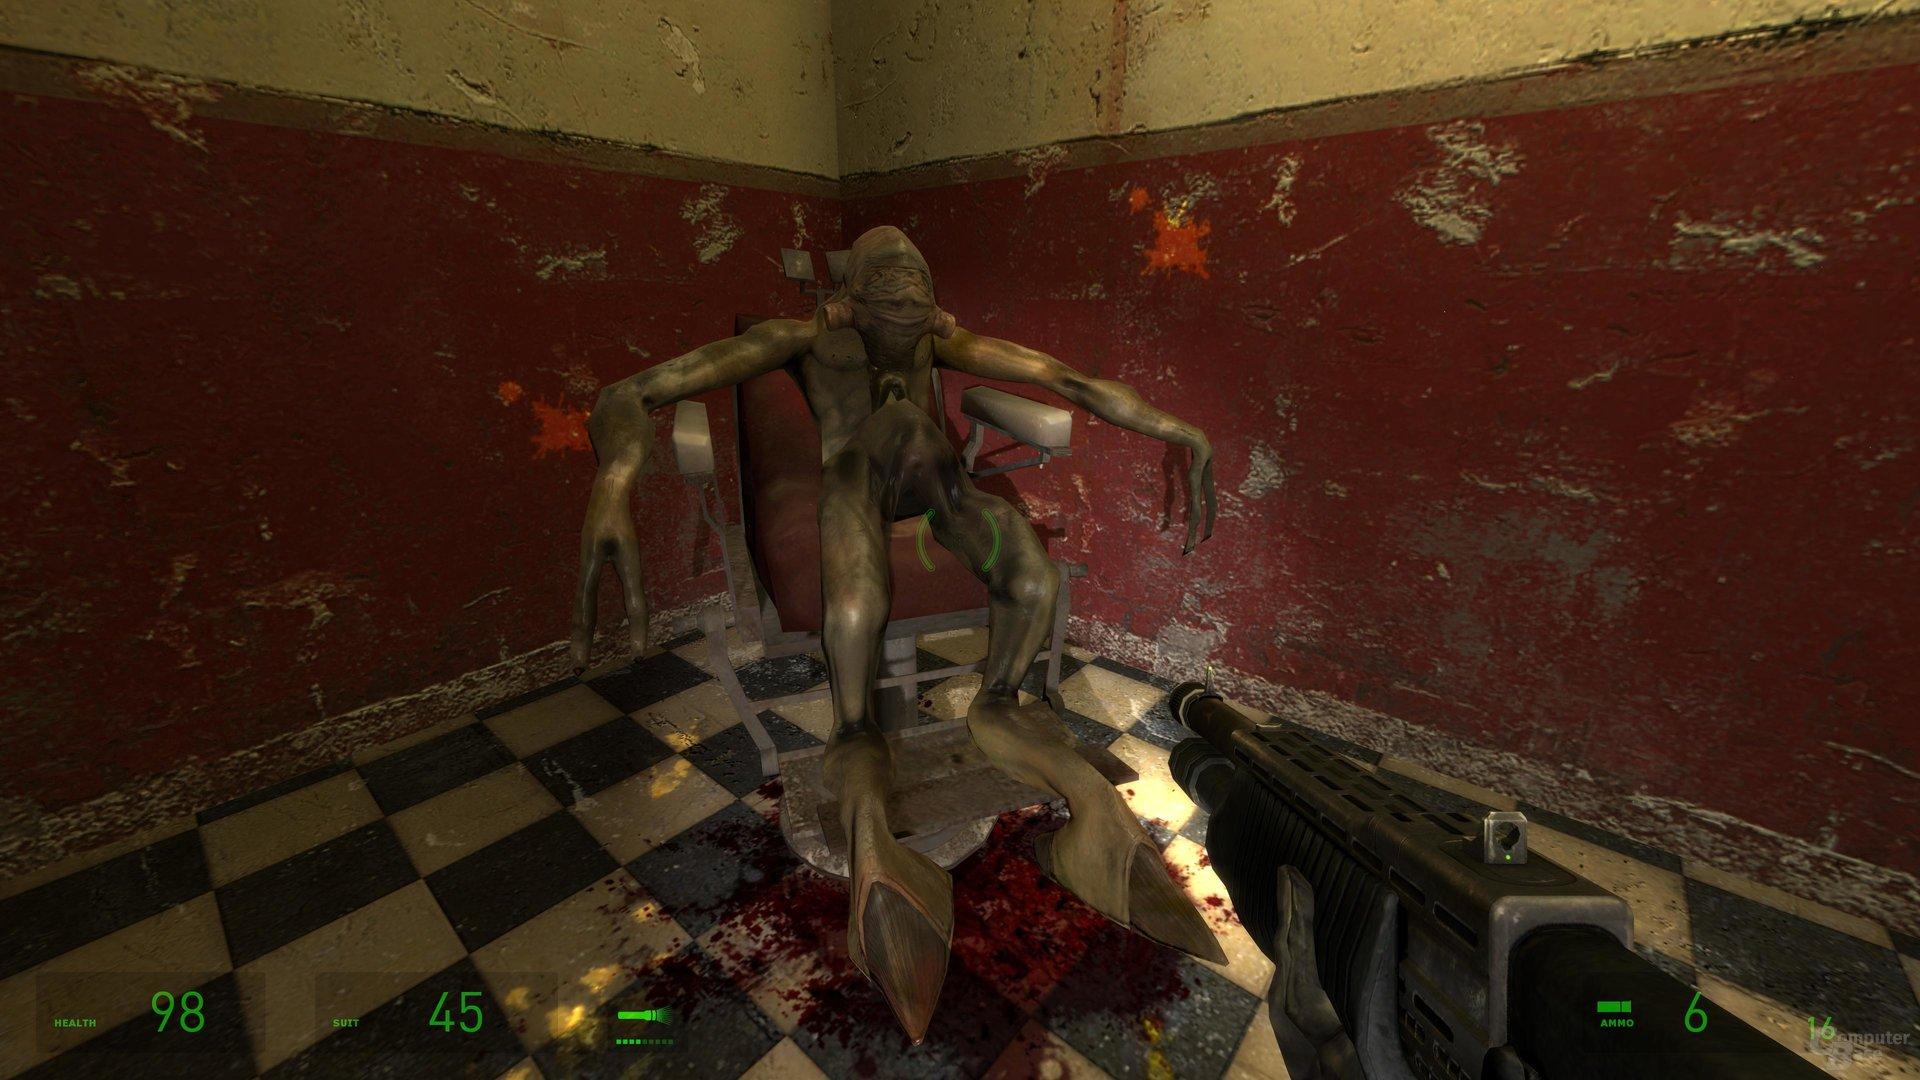 Der einzige Gefangene in Nova Prospect ist so tot wie das Spiel